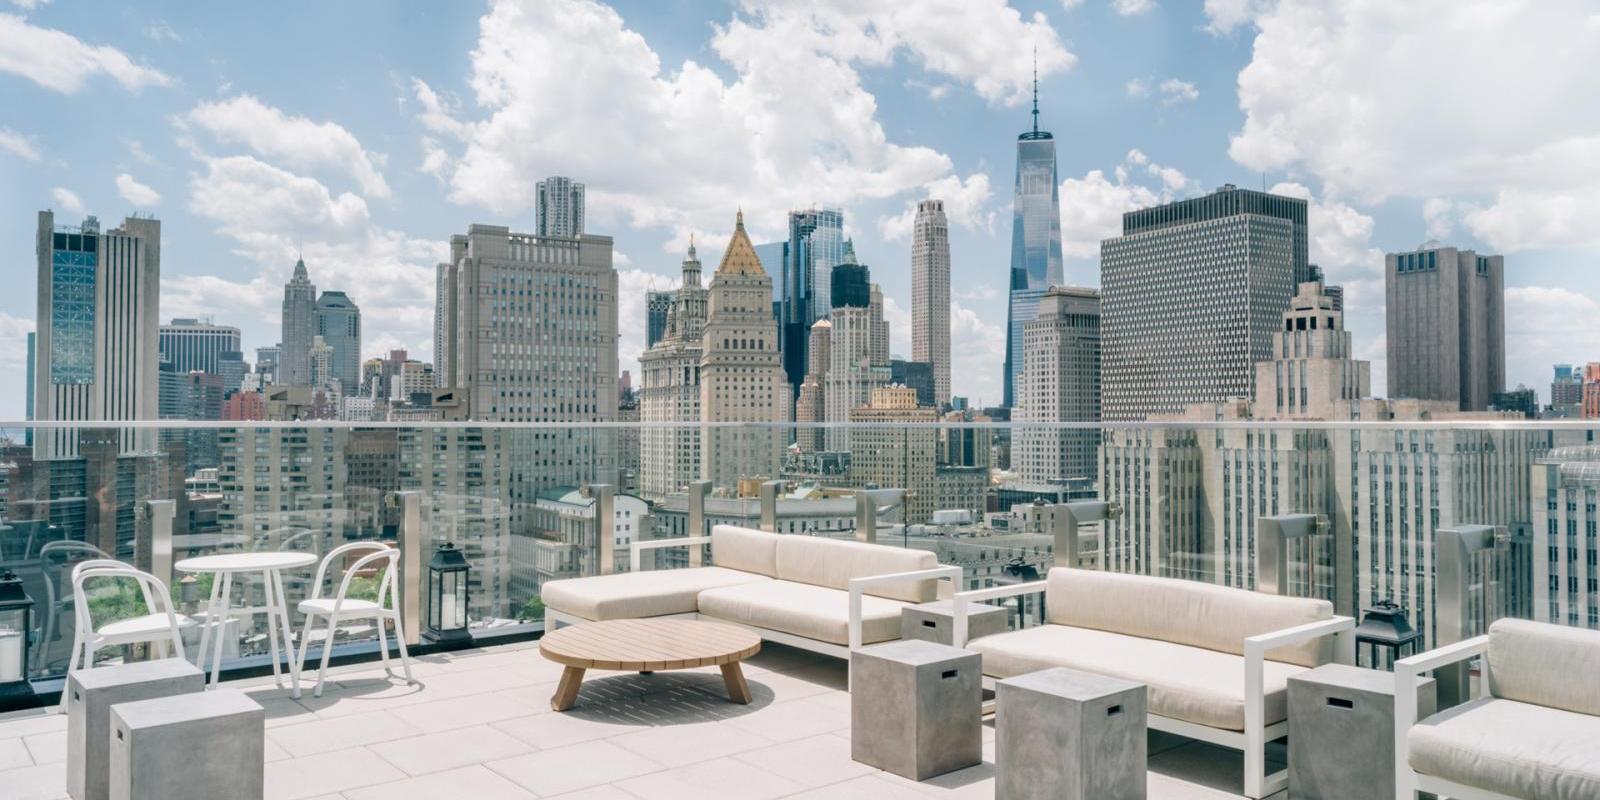 Die 33 Besten Rooftop Bars Von New York Insider Tipps Mai 2020